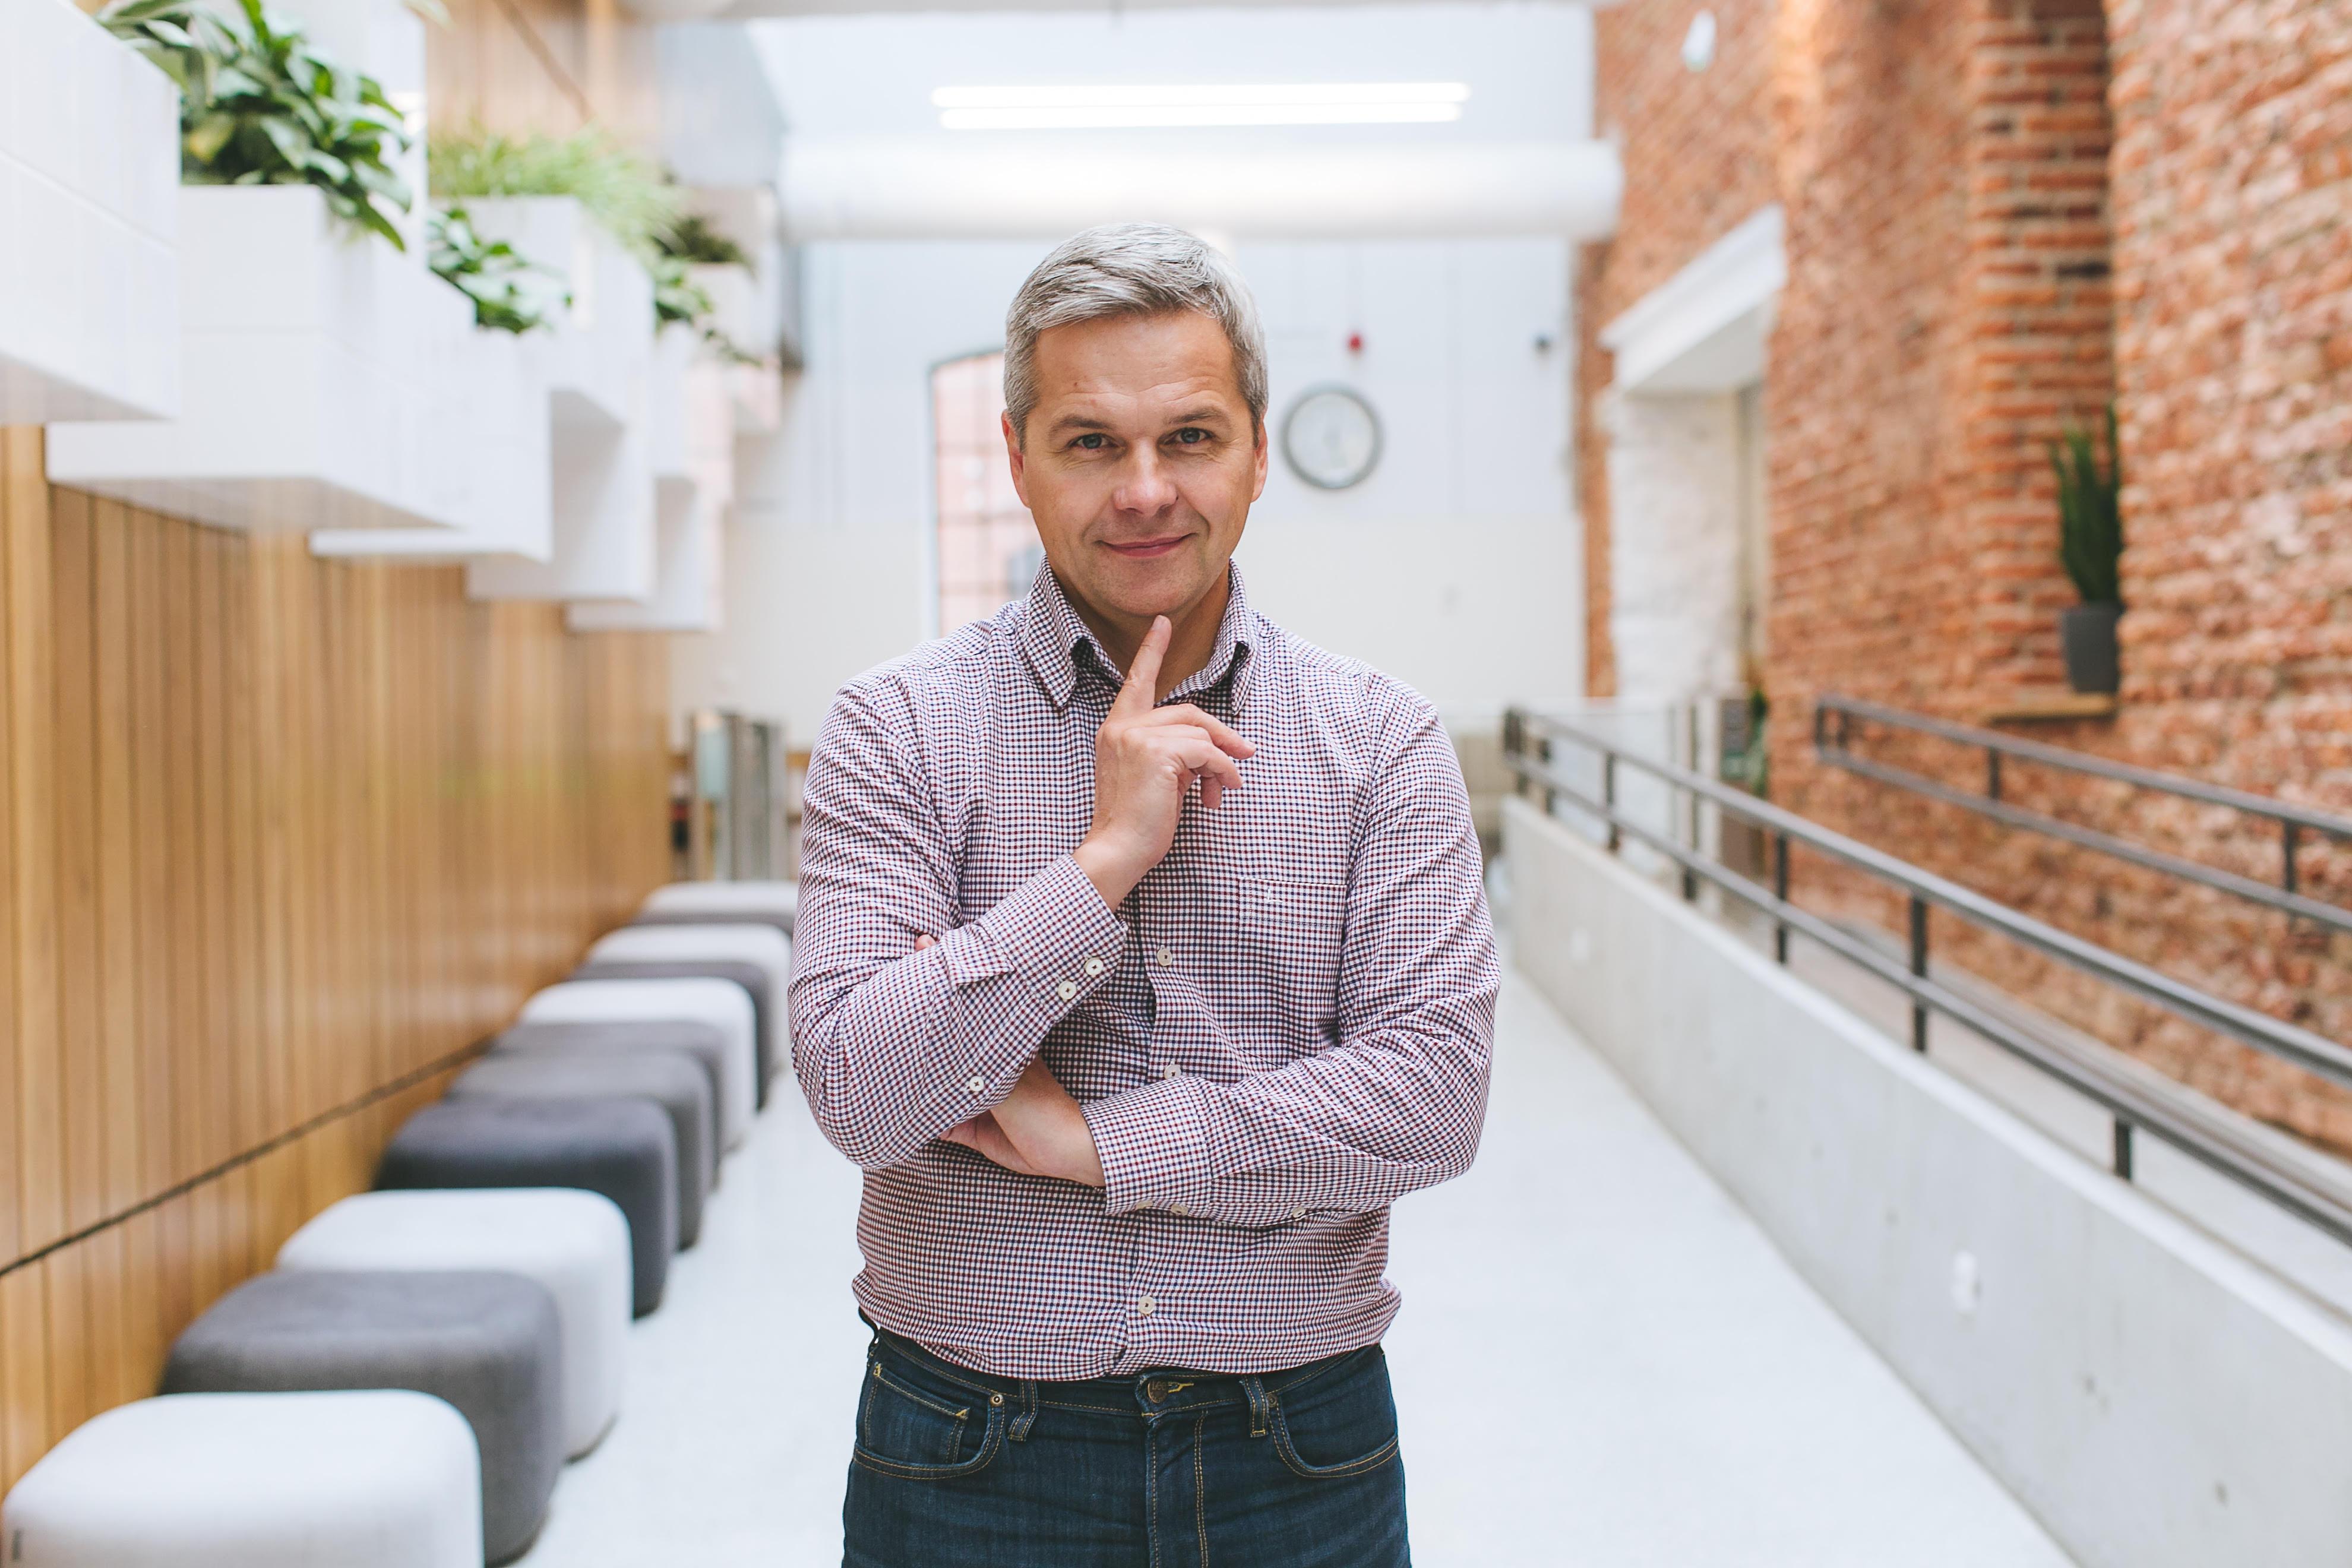 Tomasz Plata - podpisujmy dokumenty elektronicznie » Fintek.pl